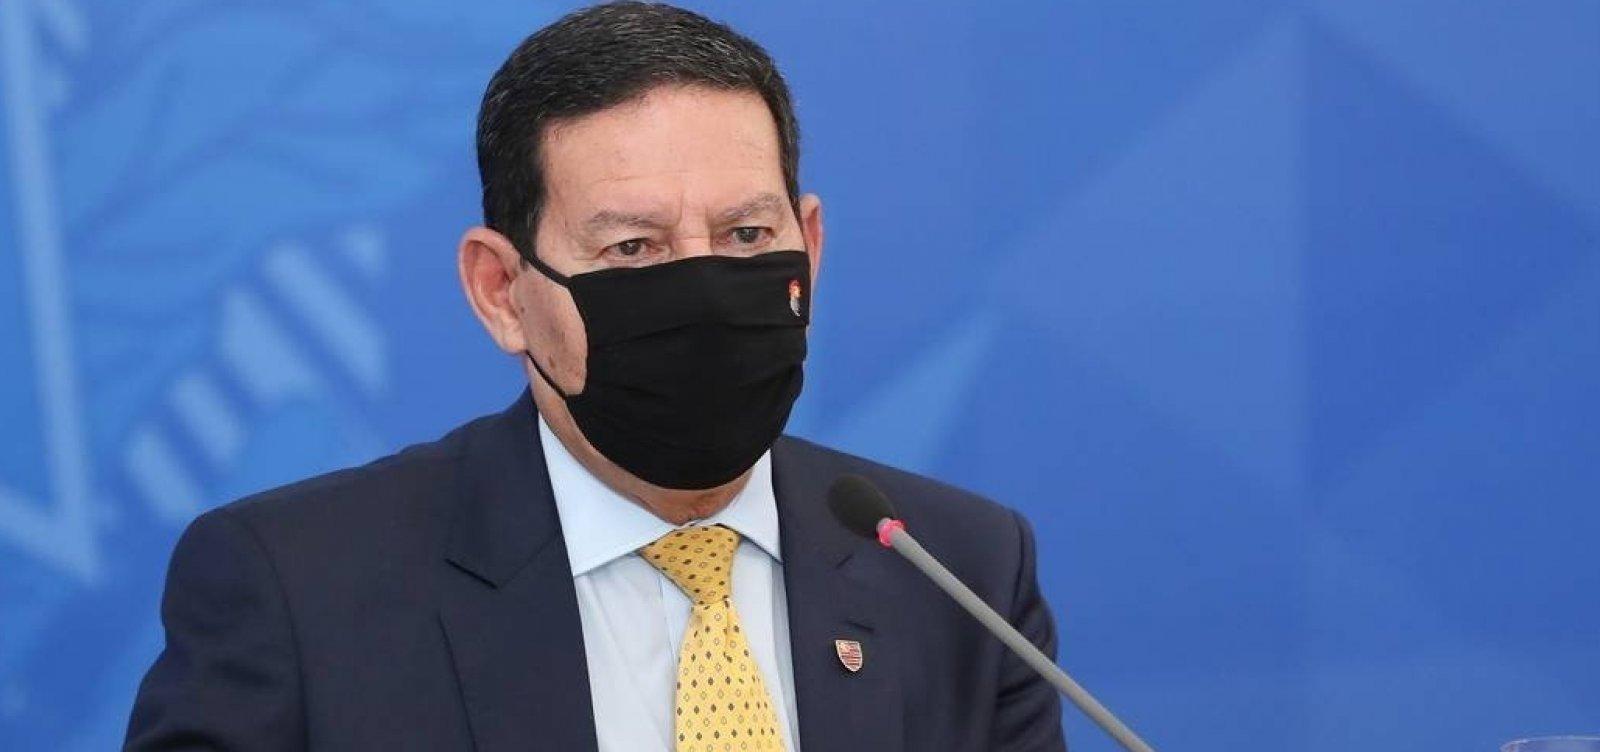 [Mourão diz que reforma administrativa está pronta, mas envio depende de 'decisão política' de Bolsonaro]